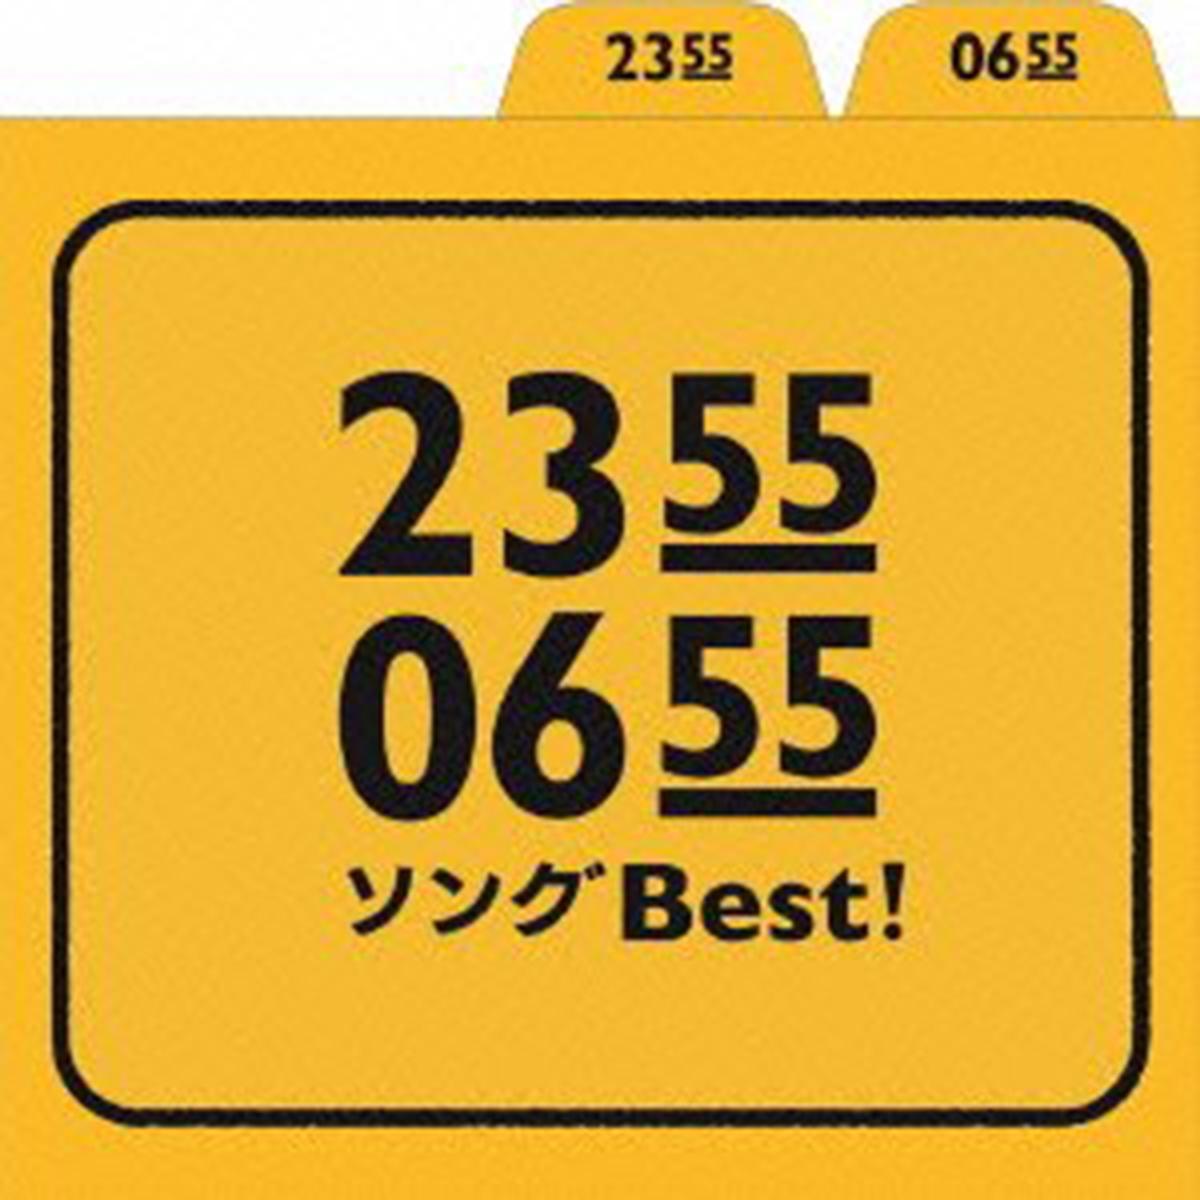 「2355 0655ソング Best!」 「2355 0655ソング Best!」 テレビでおな